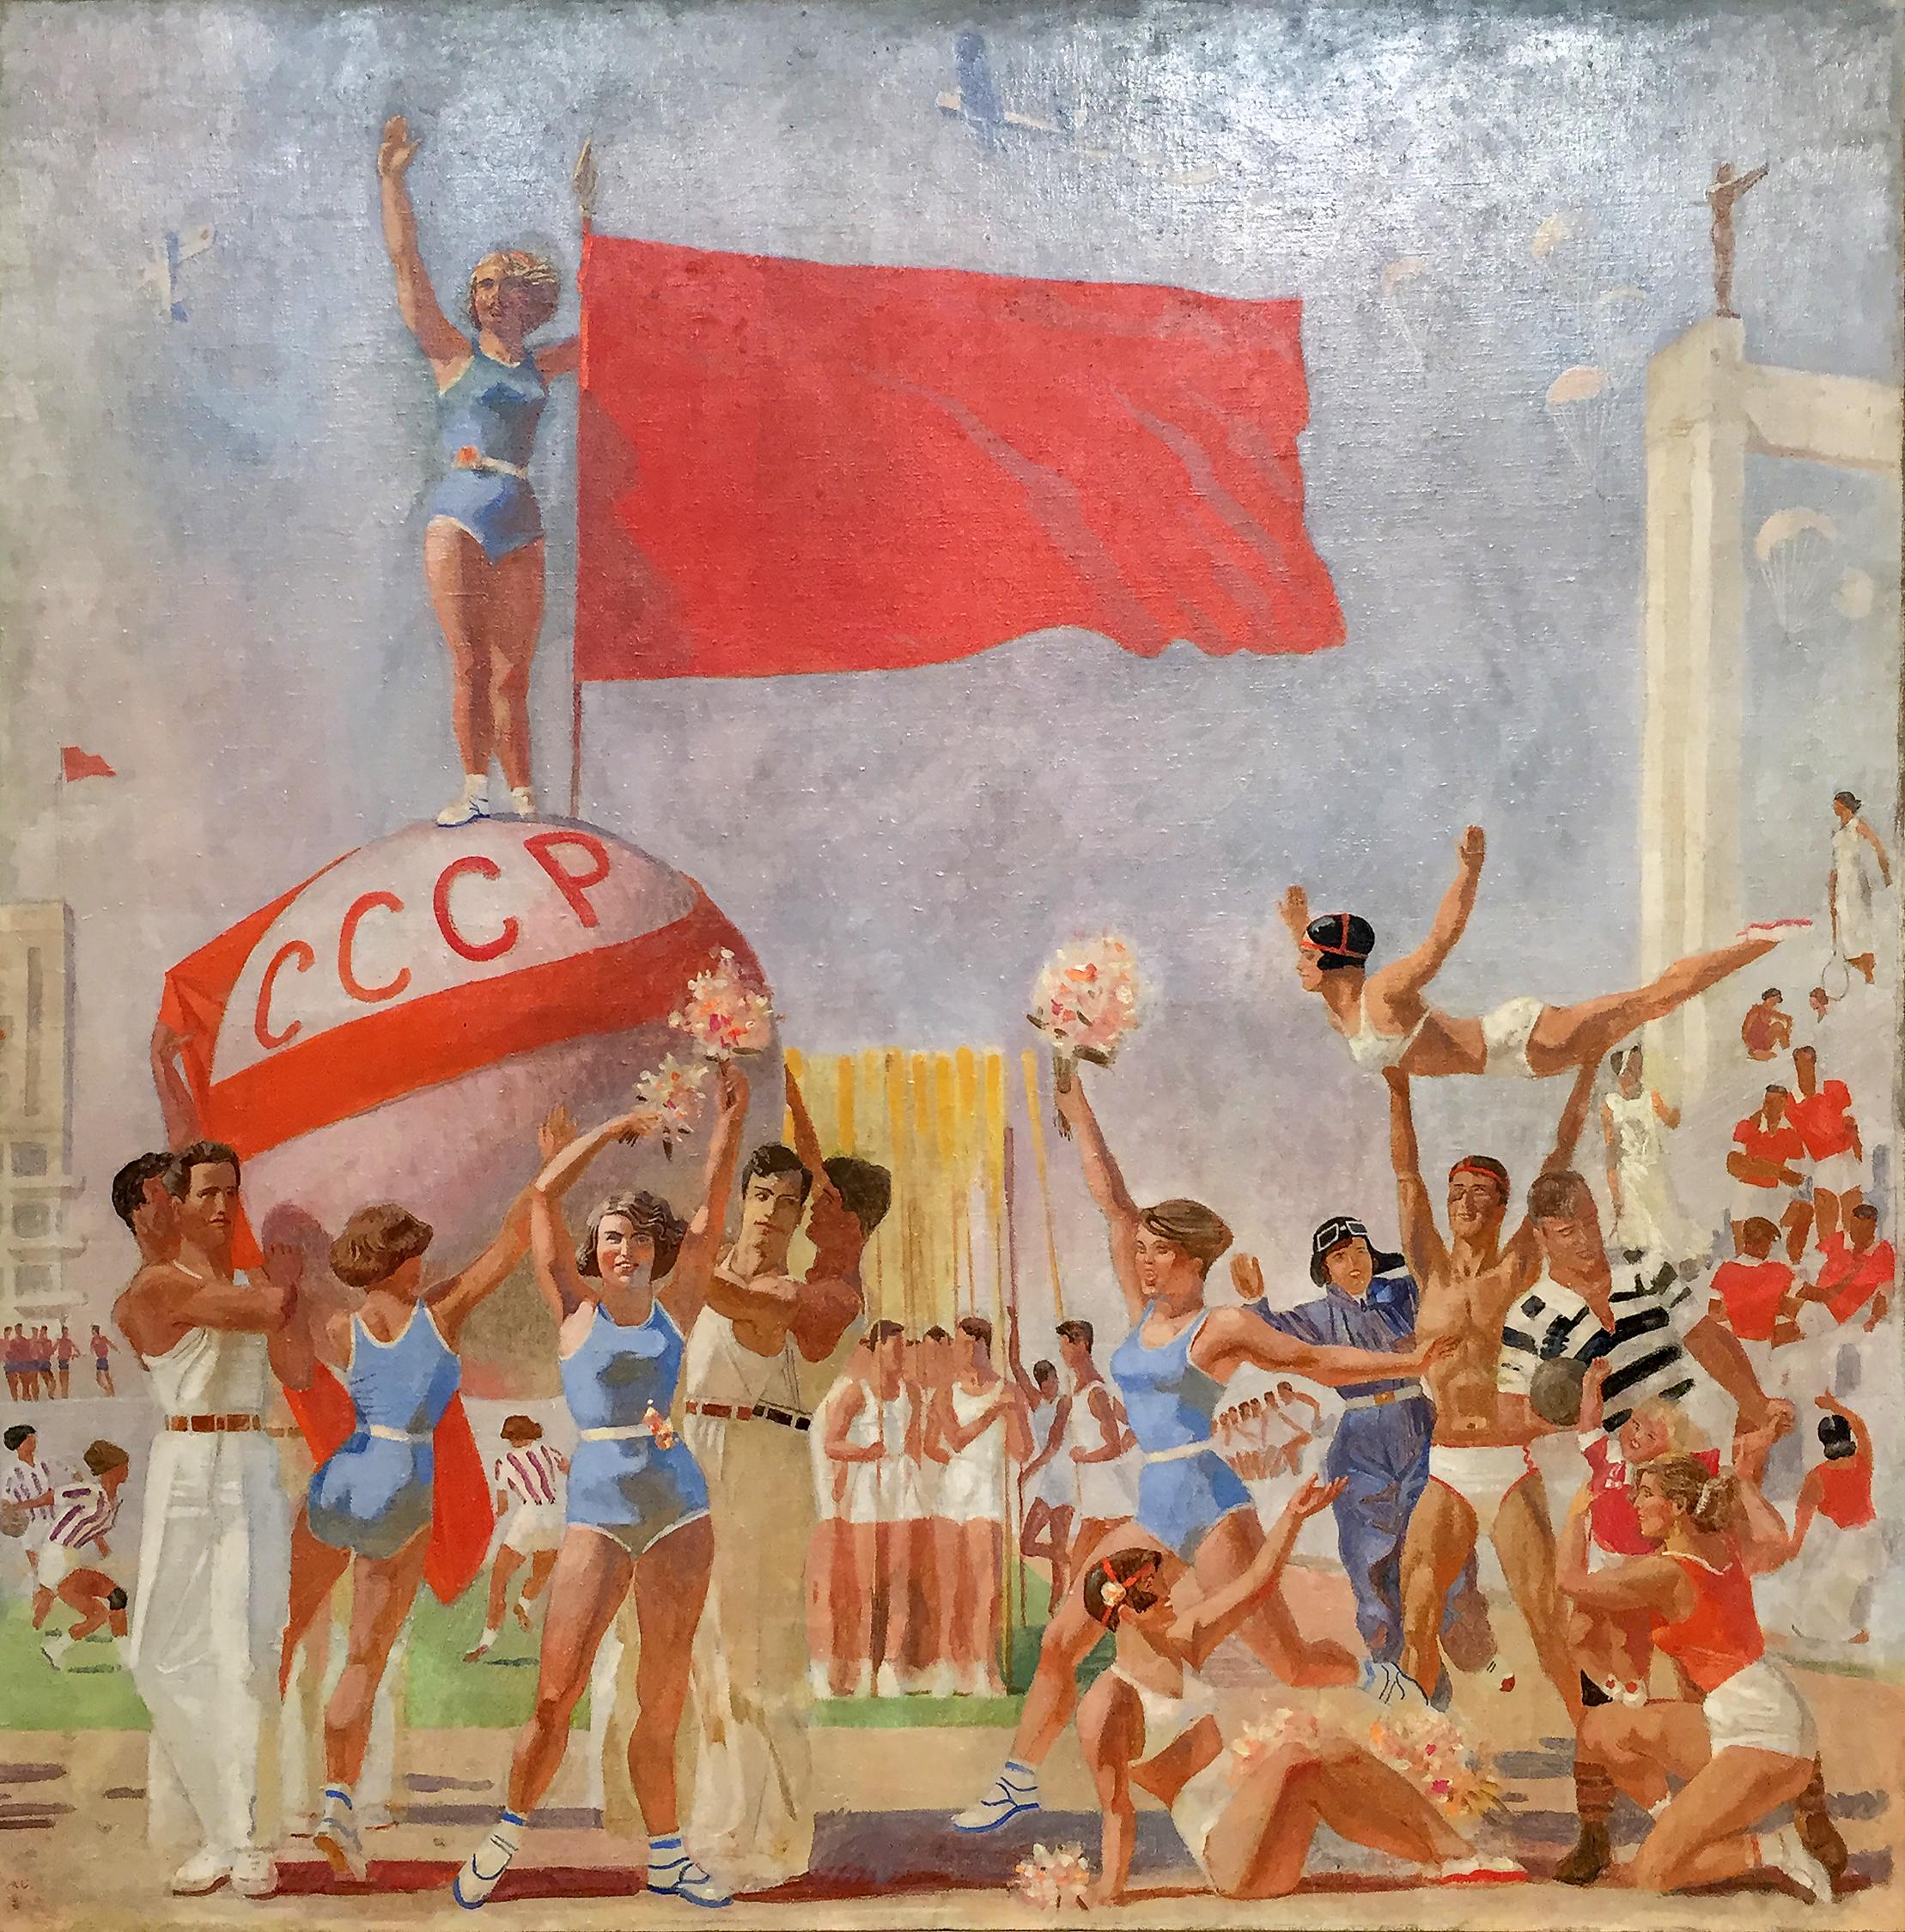 Alexander Samokhvalov - schizzo per un pannello dell'ultima sala del padiglione sovietico all'Expo di Parigi del 1937 - olio su tela (1935).